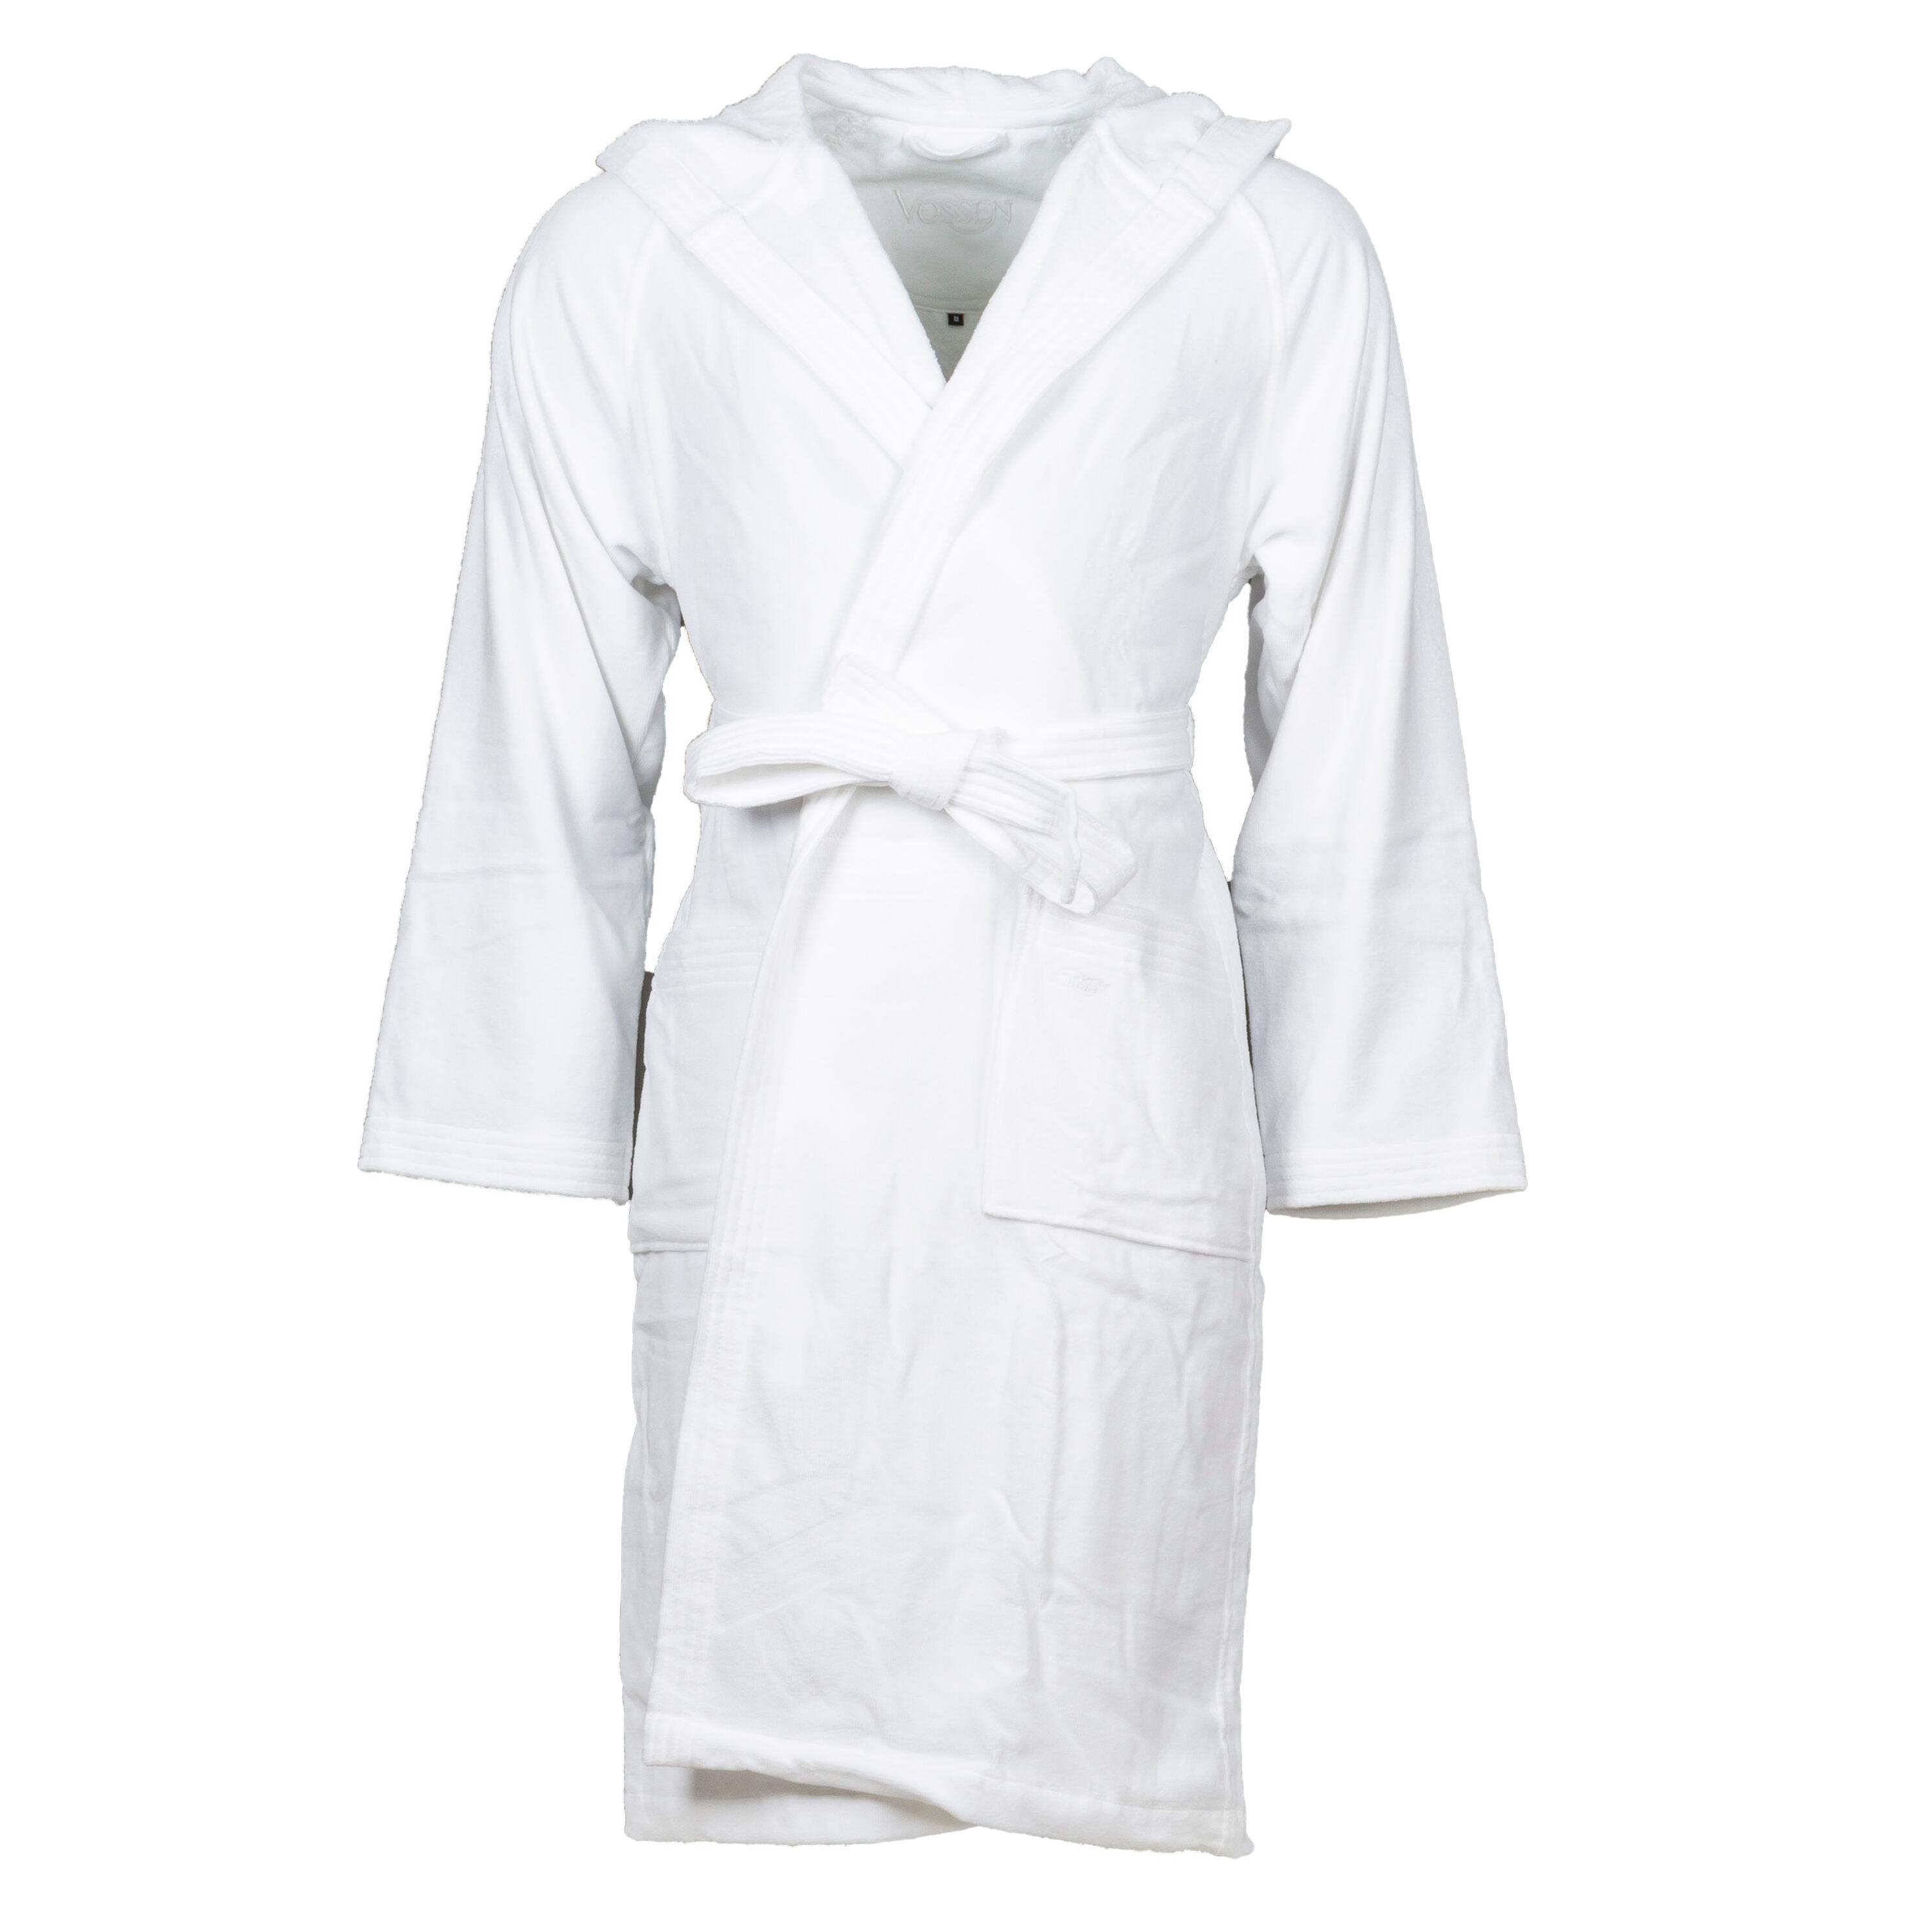 Vossen Peignoir de bain Texas Vossen en coton blanc - BLANC -